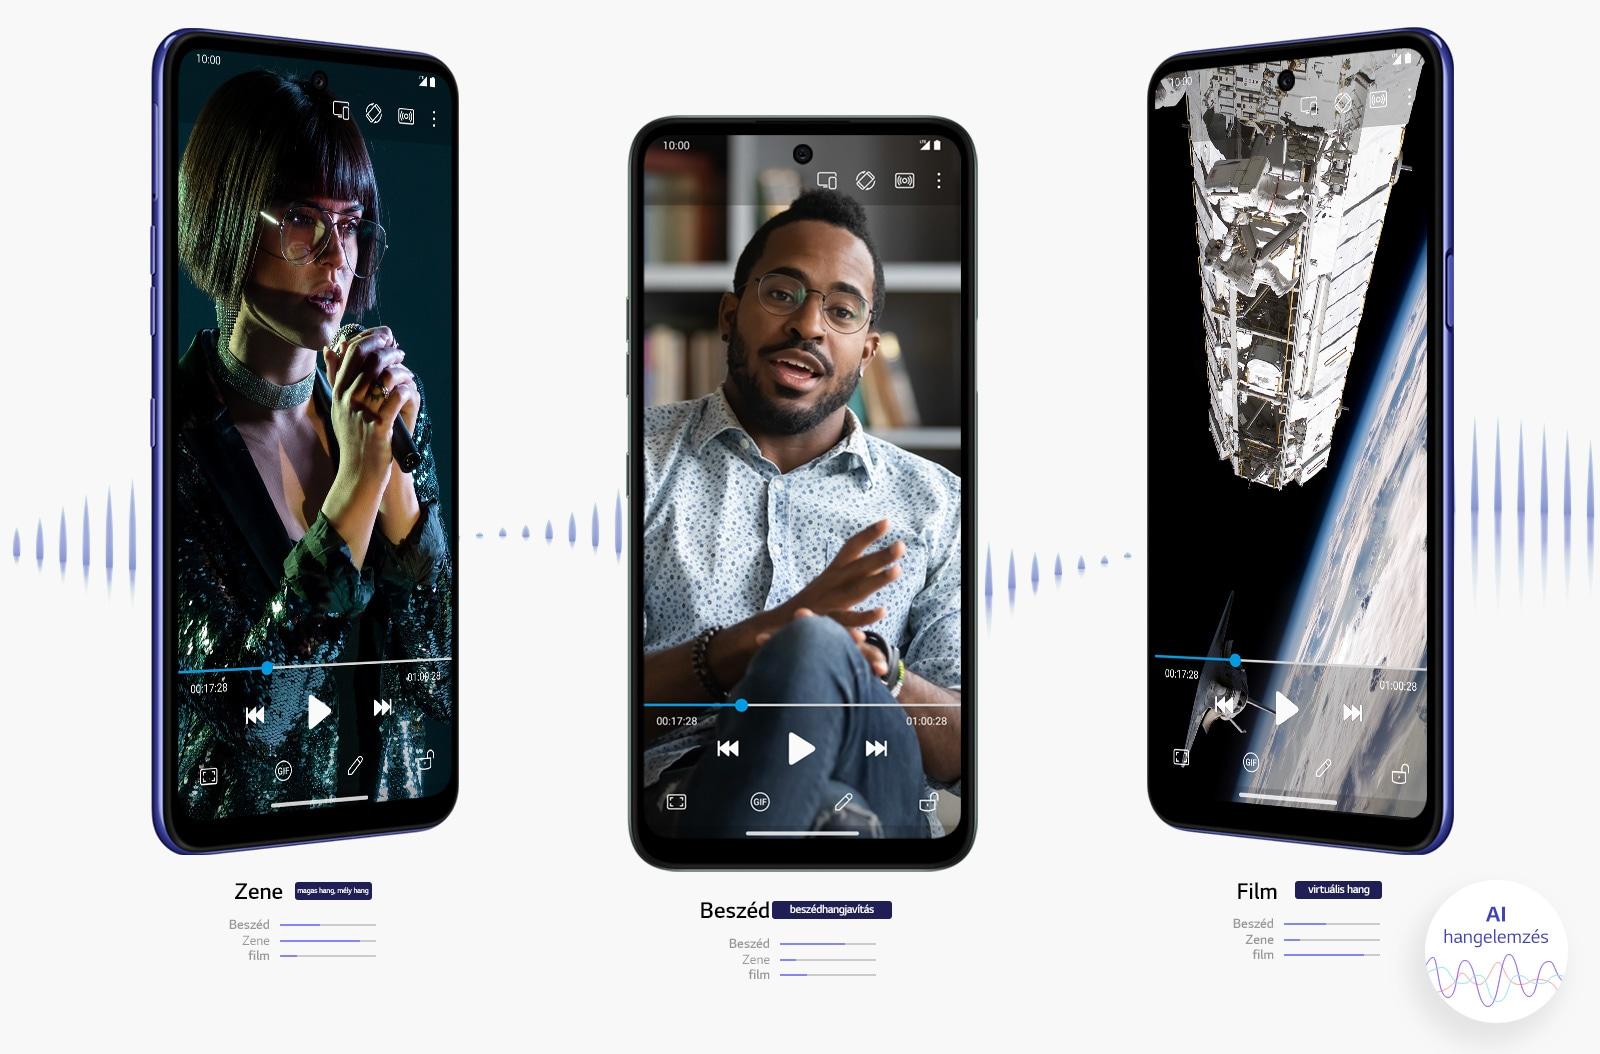 Három telefon, amelyek filmet, zenét és videót játszanak le.